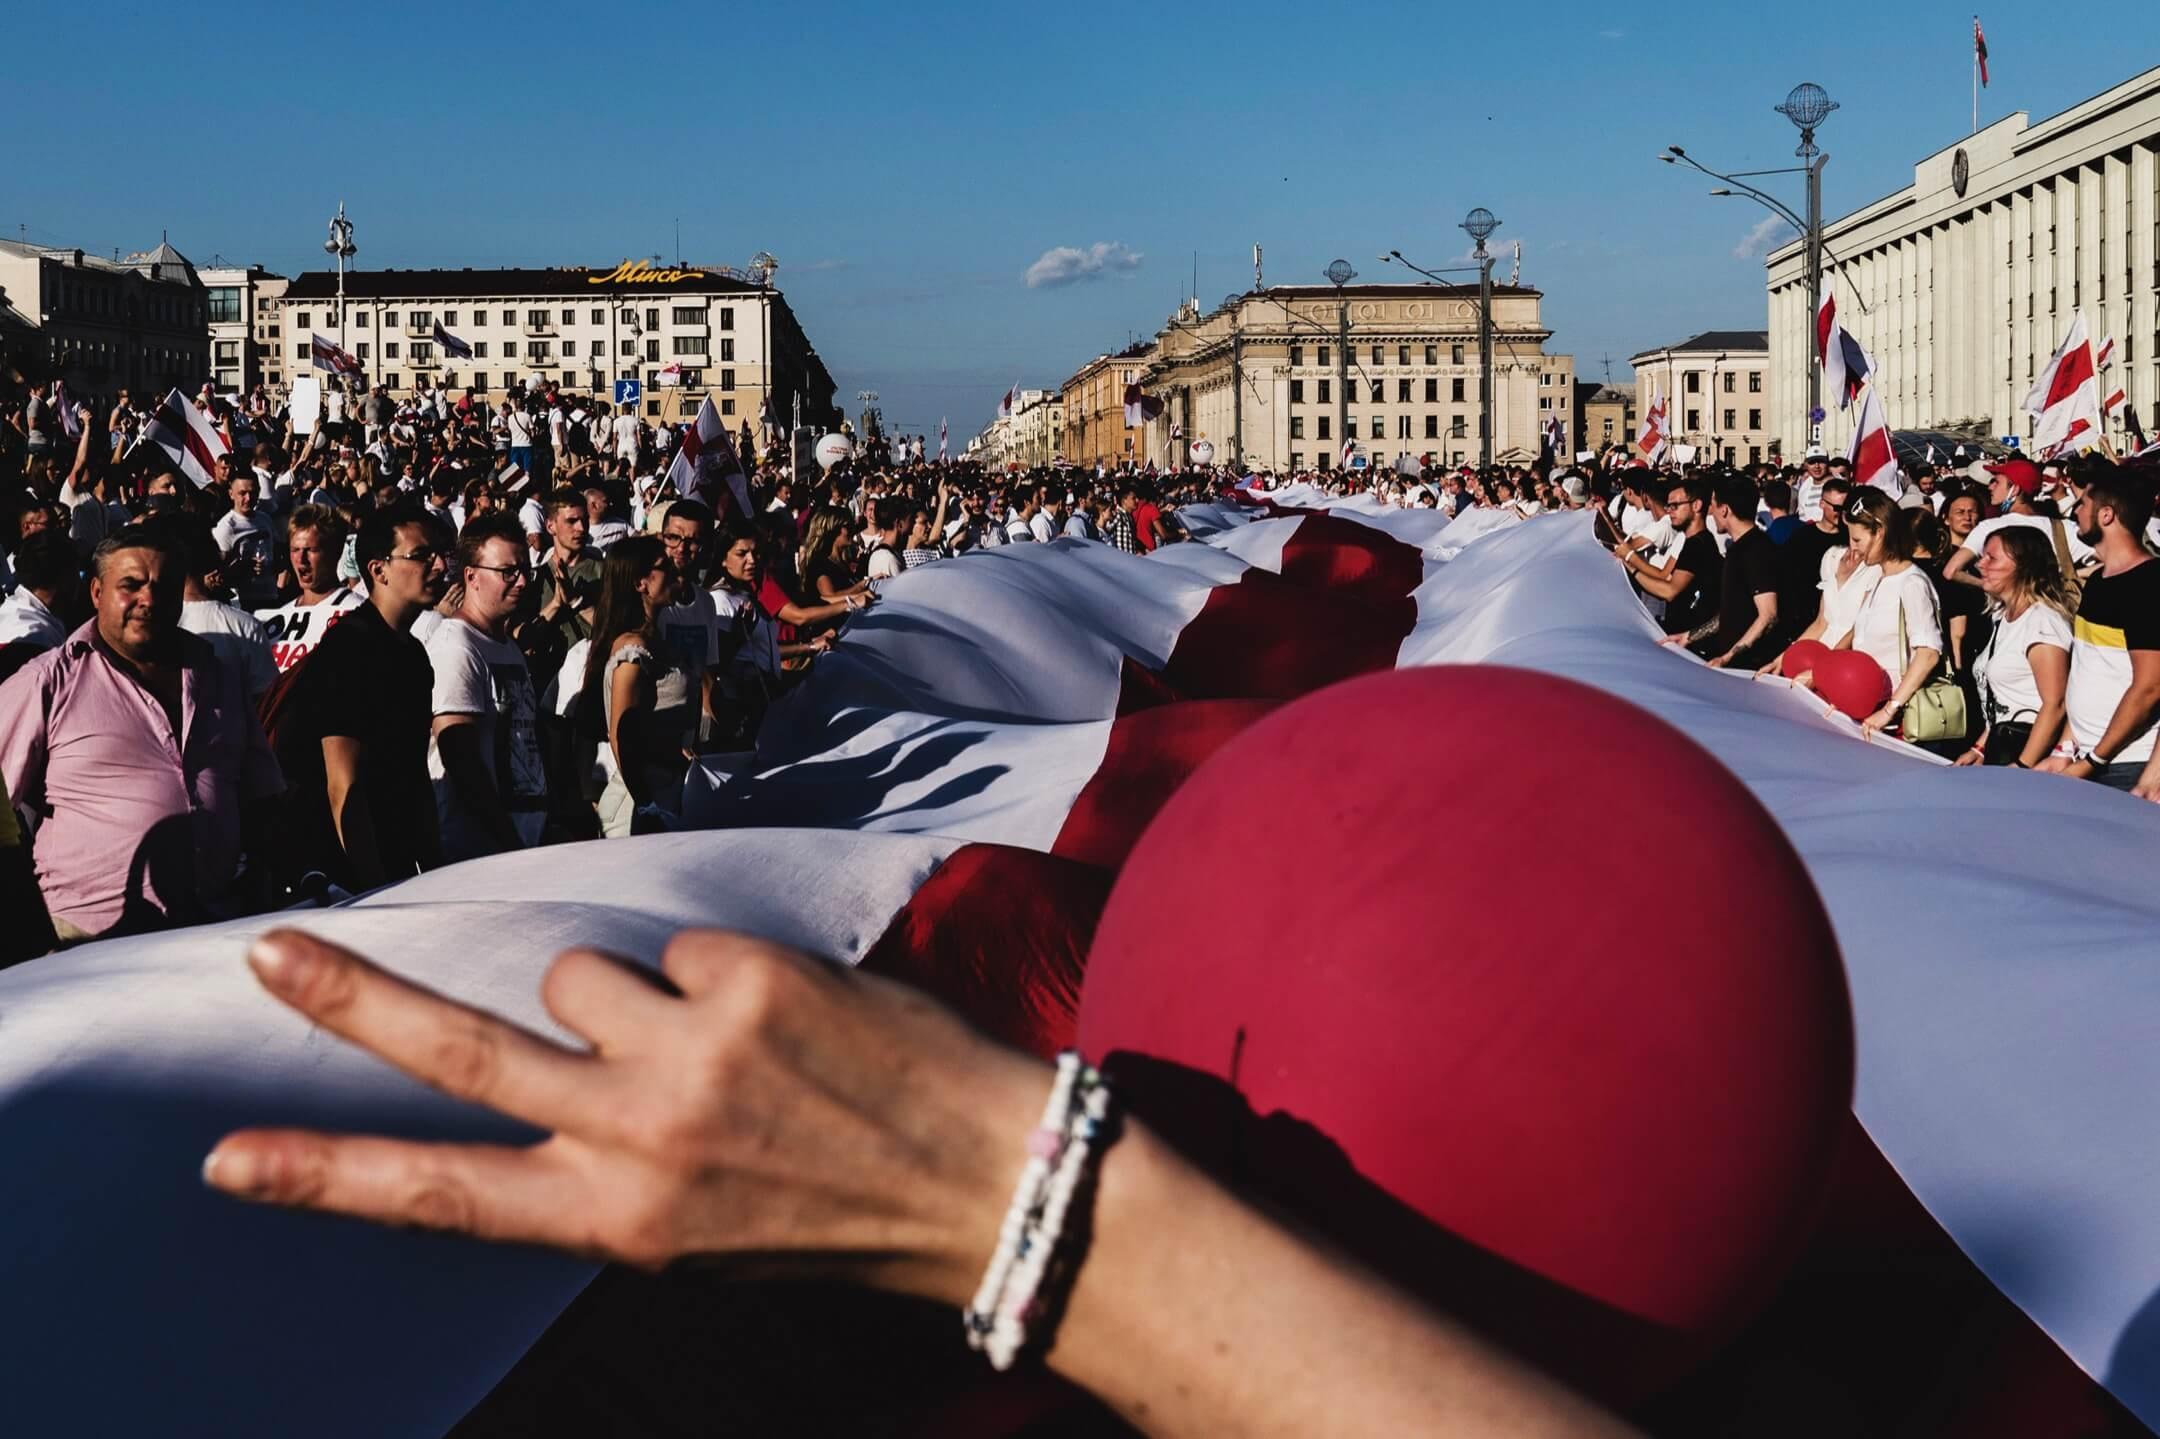 2020年8月16日,白羅斯首都明斯克,至少20萬人在市中心的二戰紀念碑聚集,要求總統盧卡申科下台。 攝:Evgeny Maloletka/Bloomberg via Getty Images